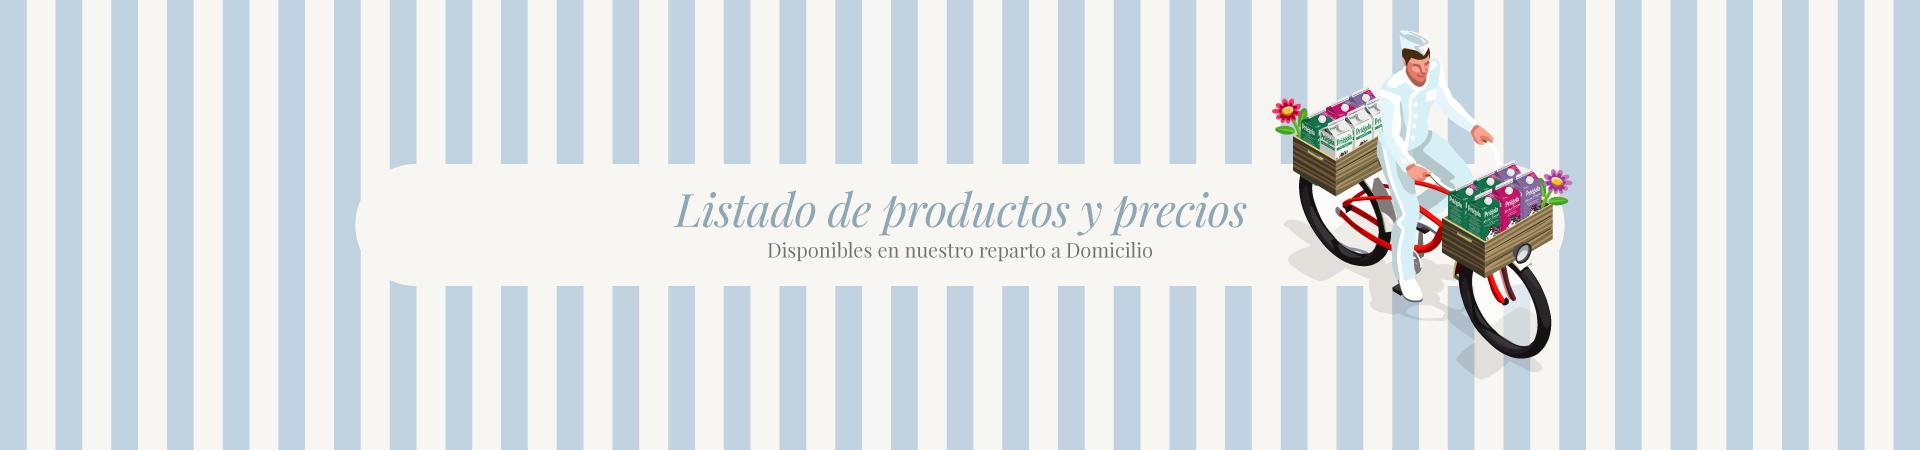 banner-sup-listado-productos-y-precios5